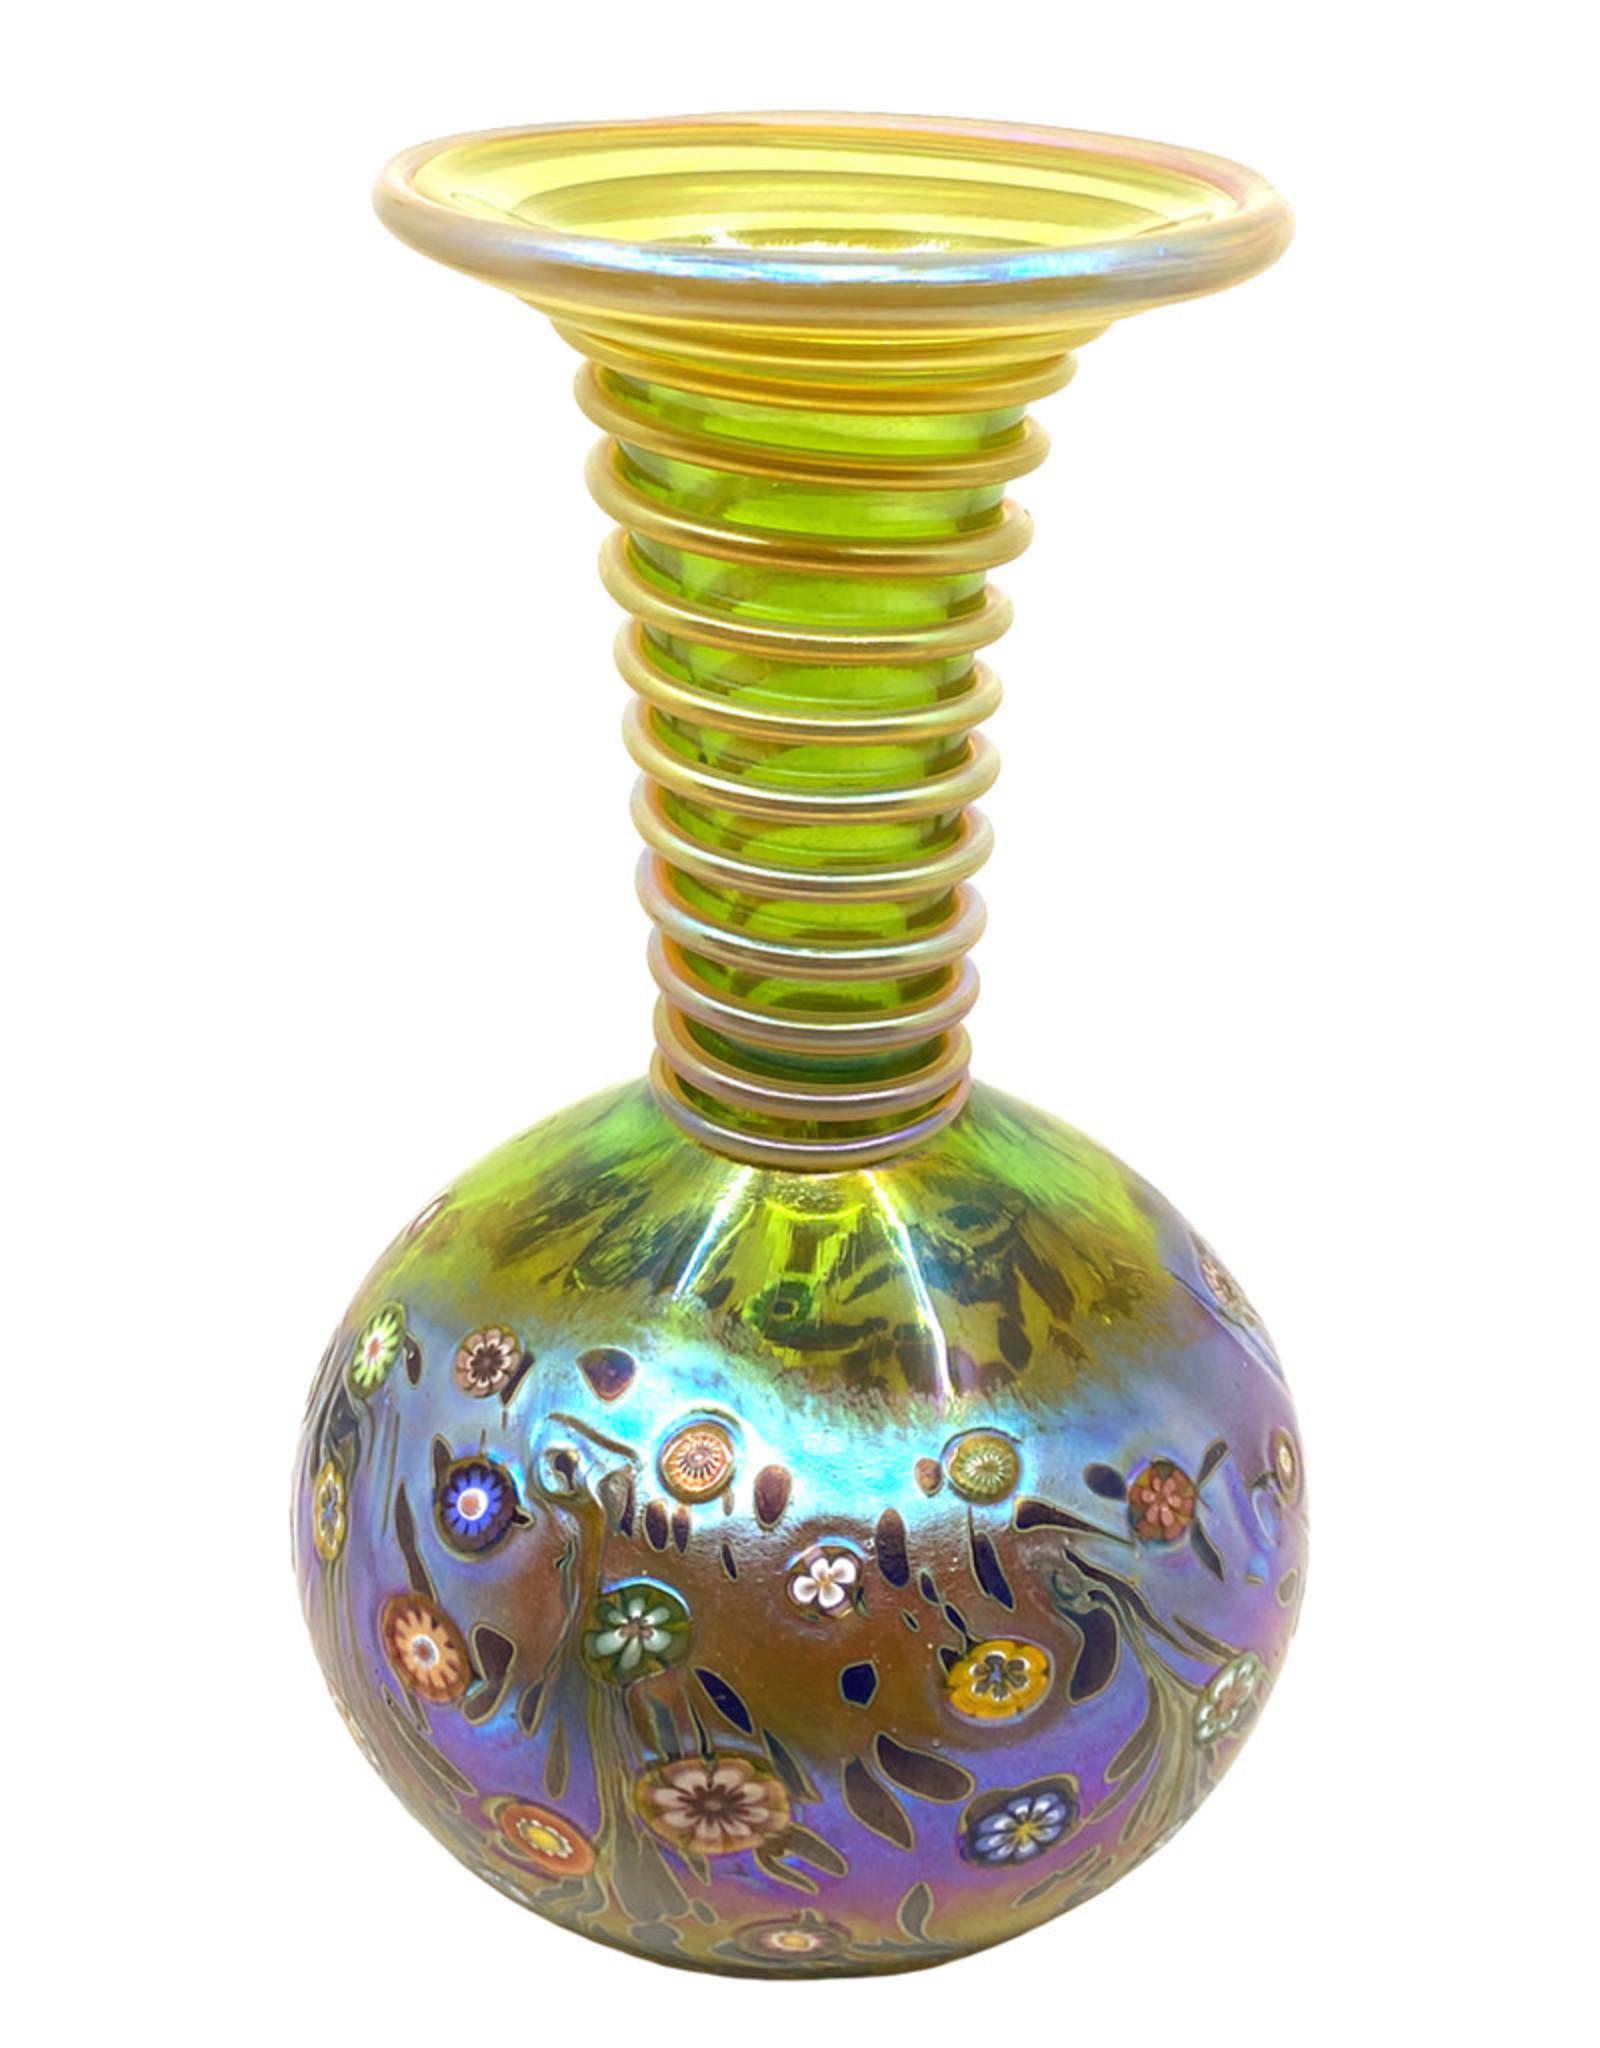 HANSON & KASTLES ART GLASS LIME MONET COIL VASE